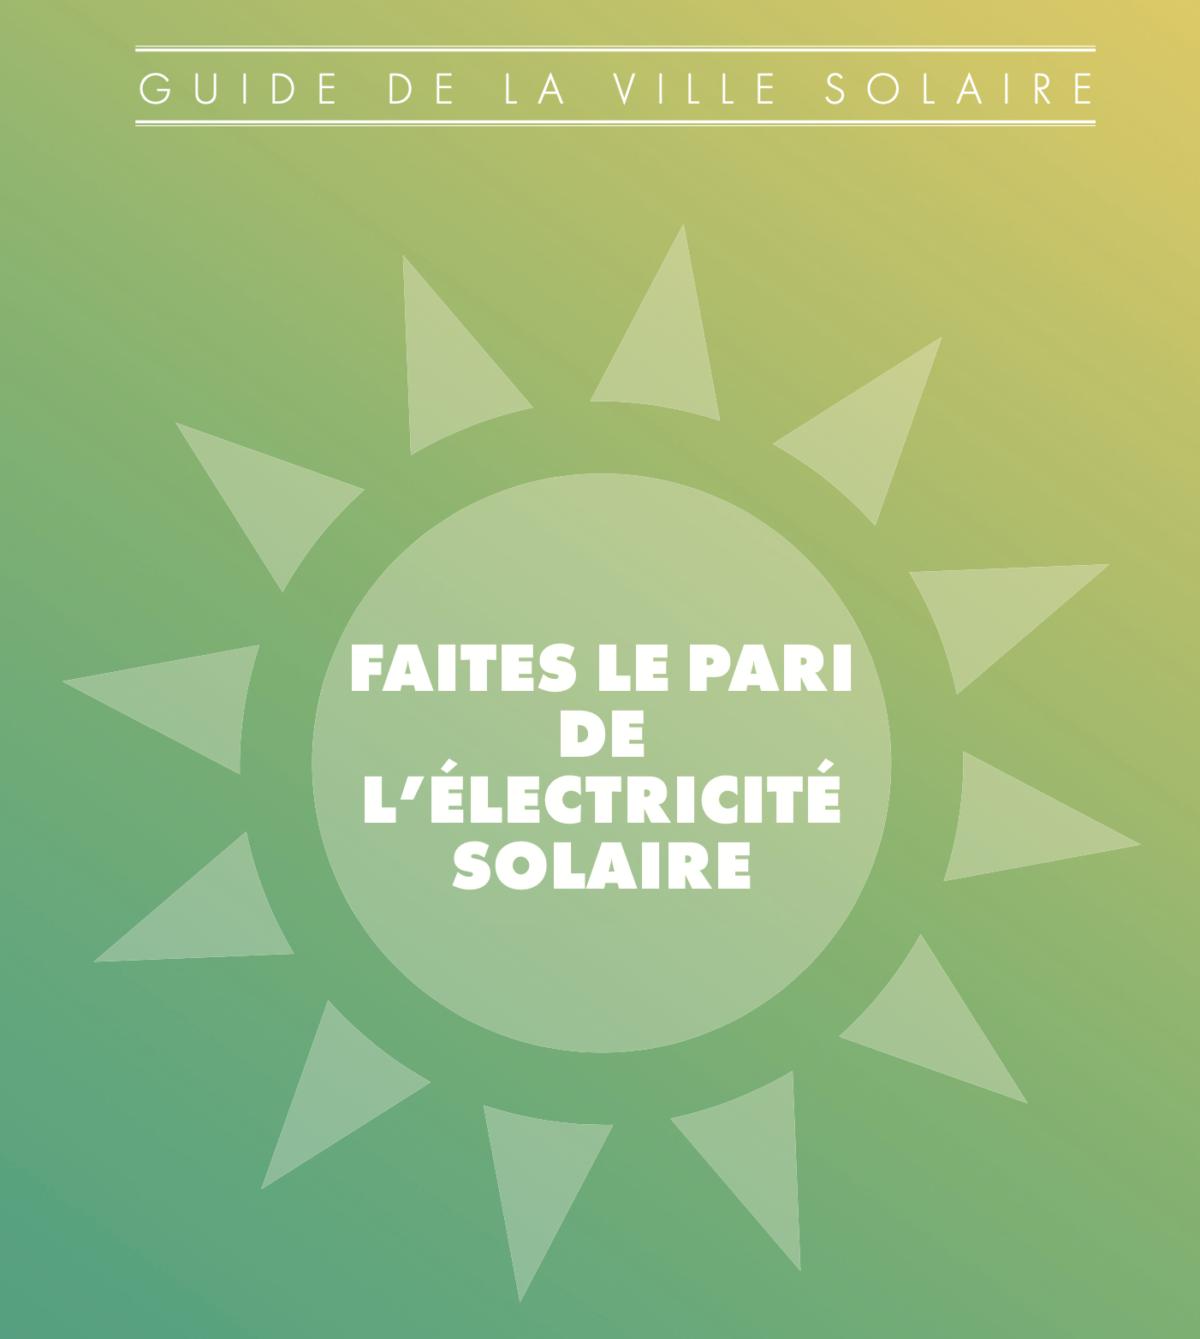 Inscrire le développement de l'énergie solaire dans les priorités municipales